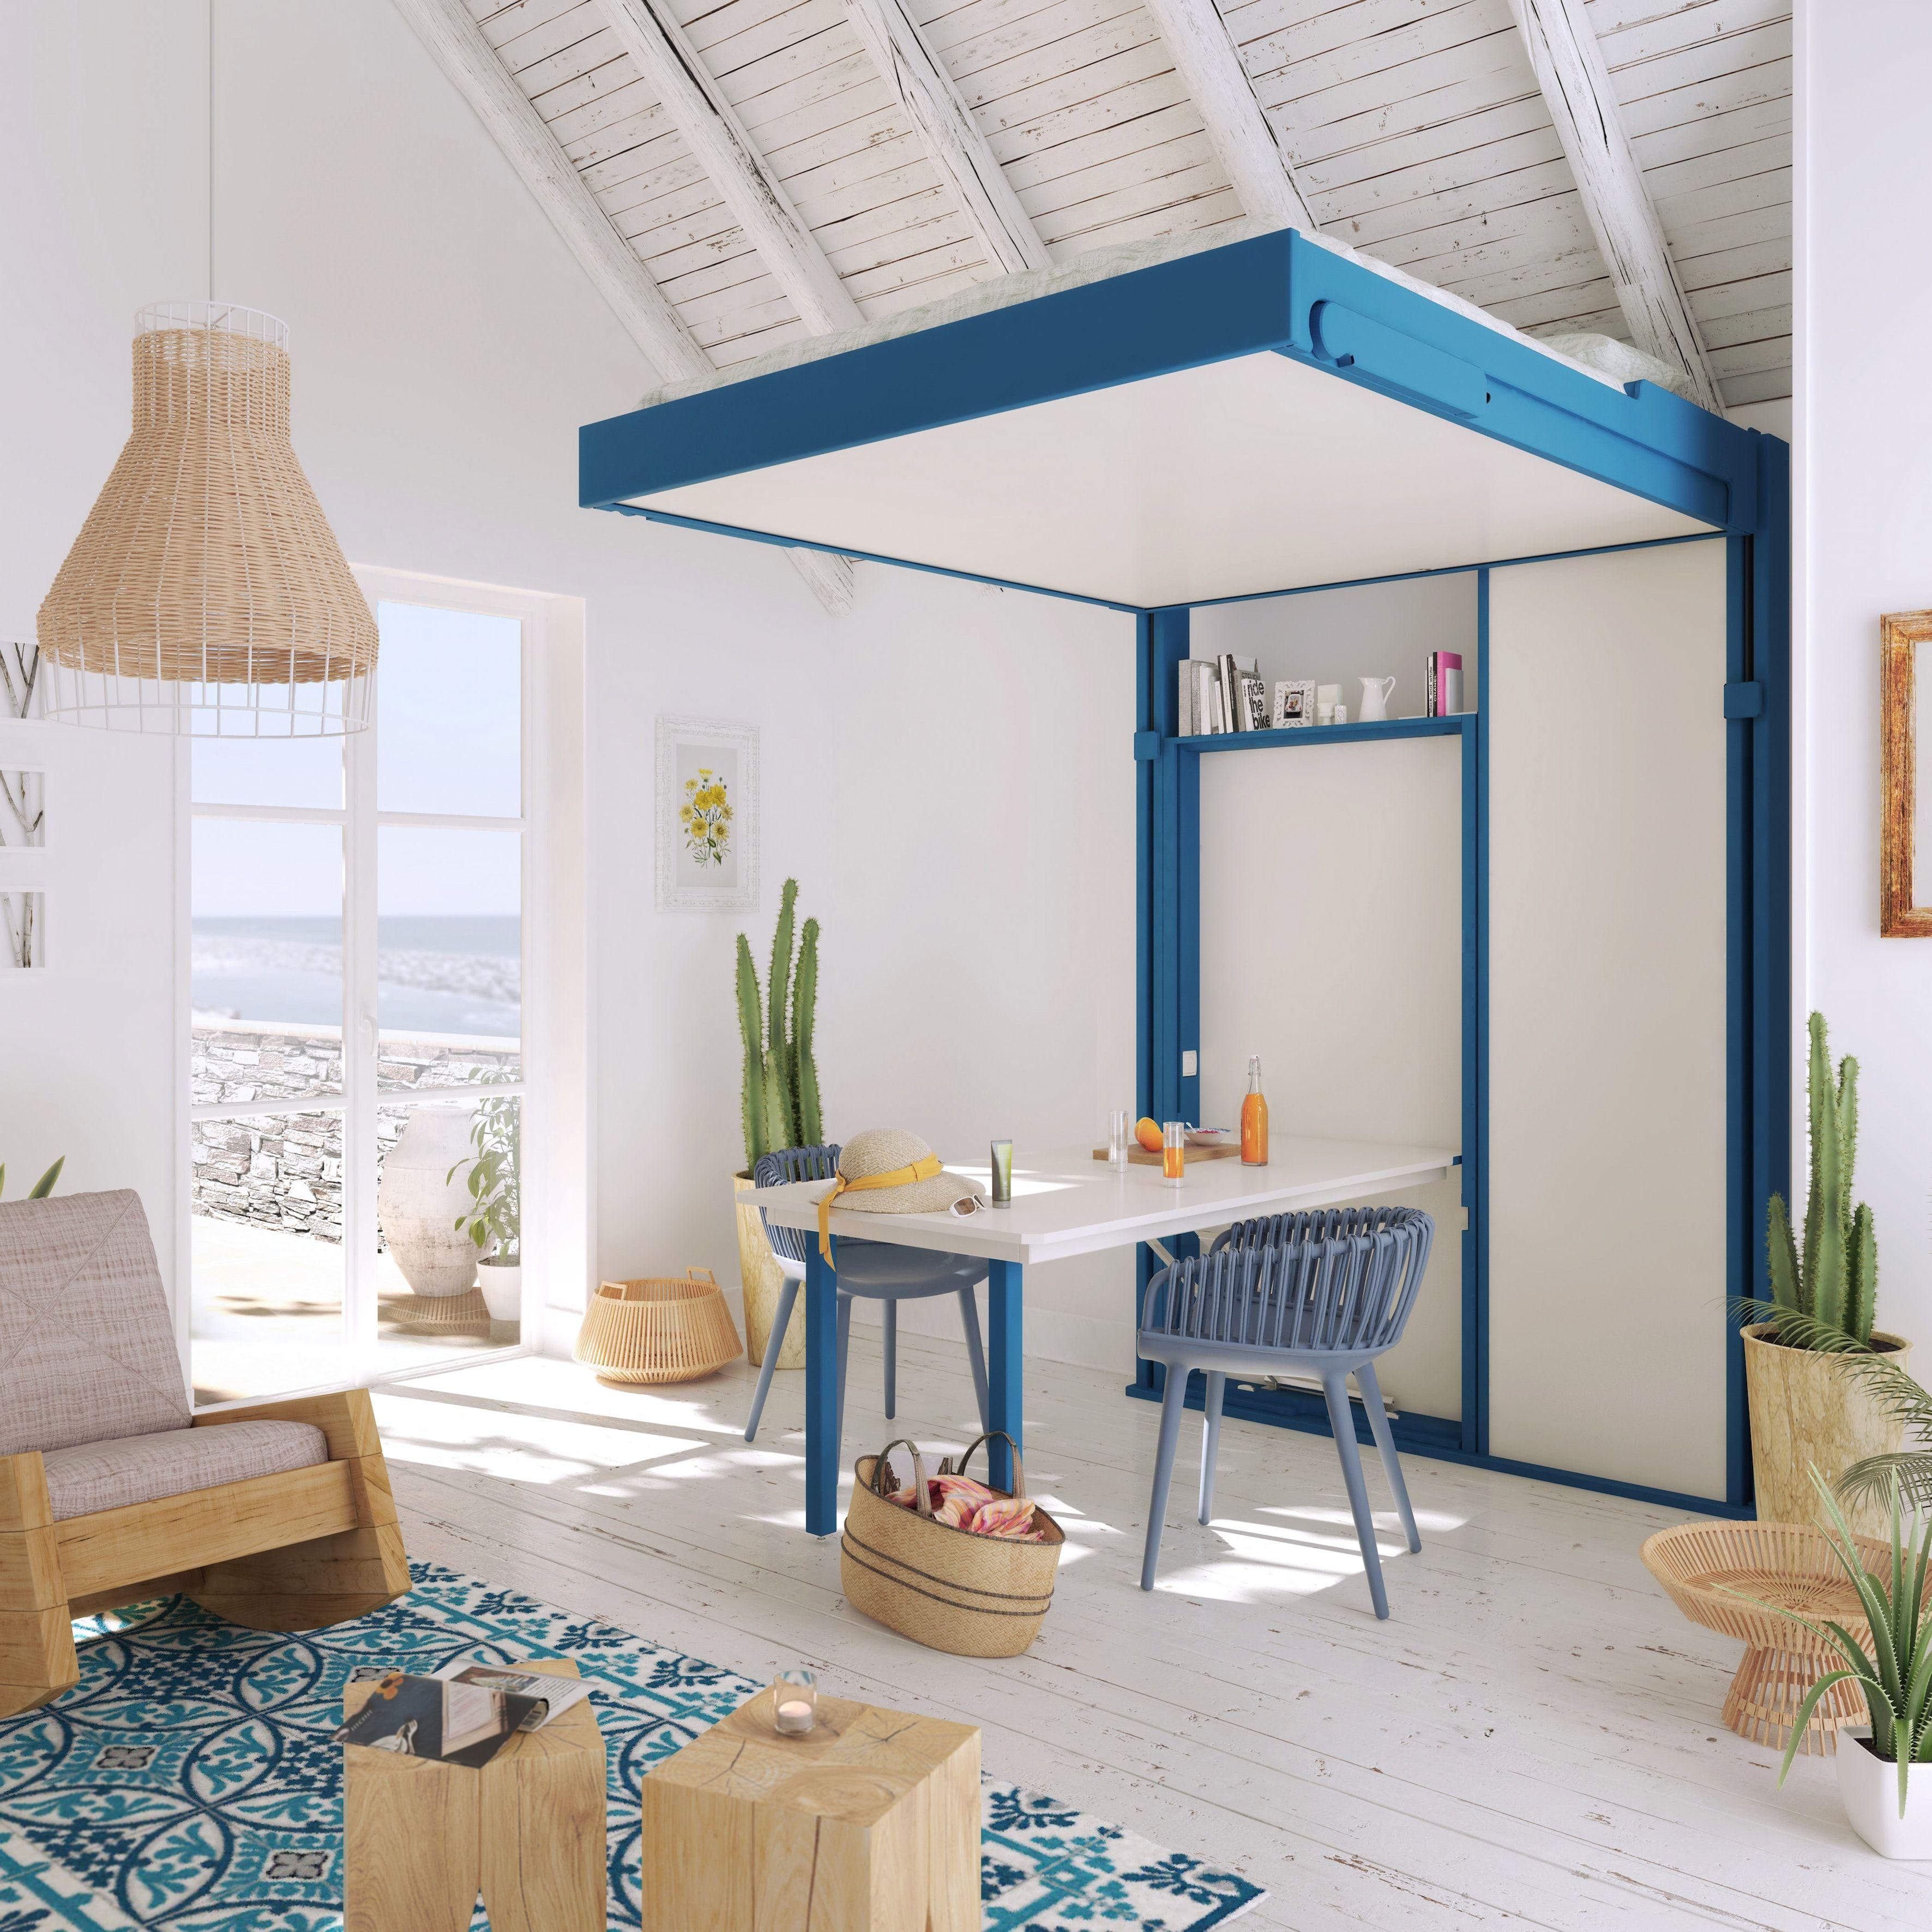 pingl par espace loggia sur lits escamotables pinterest lit escamotable espaces. Black Bedroom Furniture Sets. Home Design Ideas